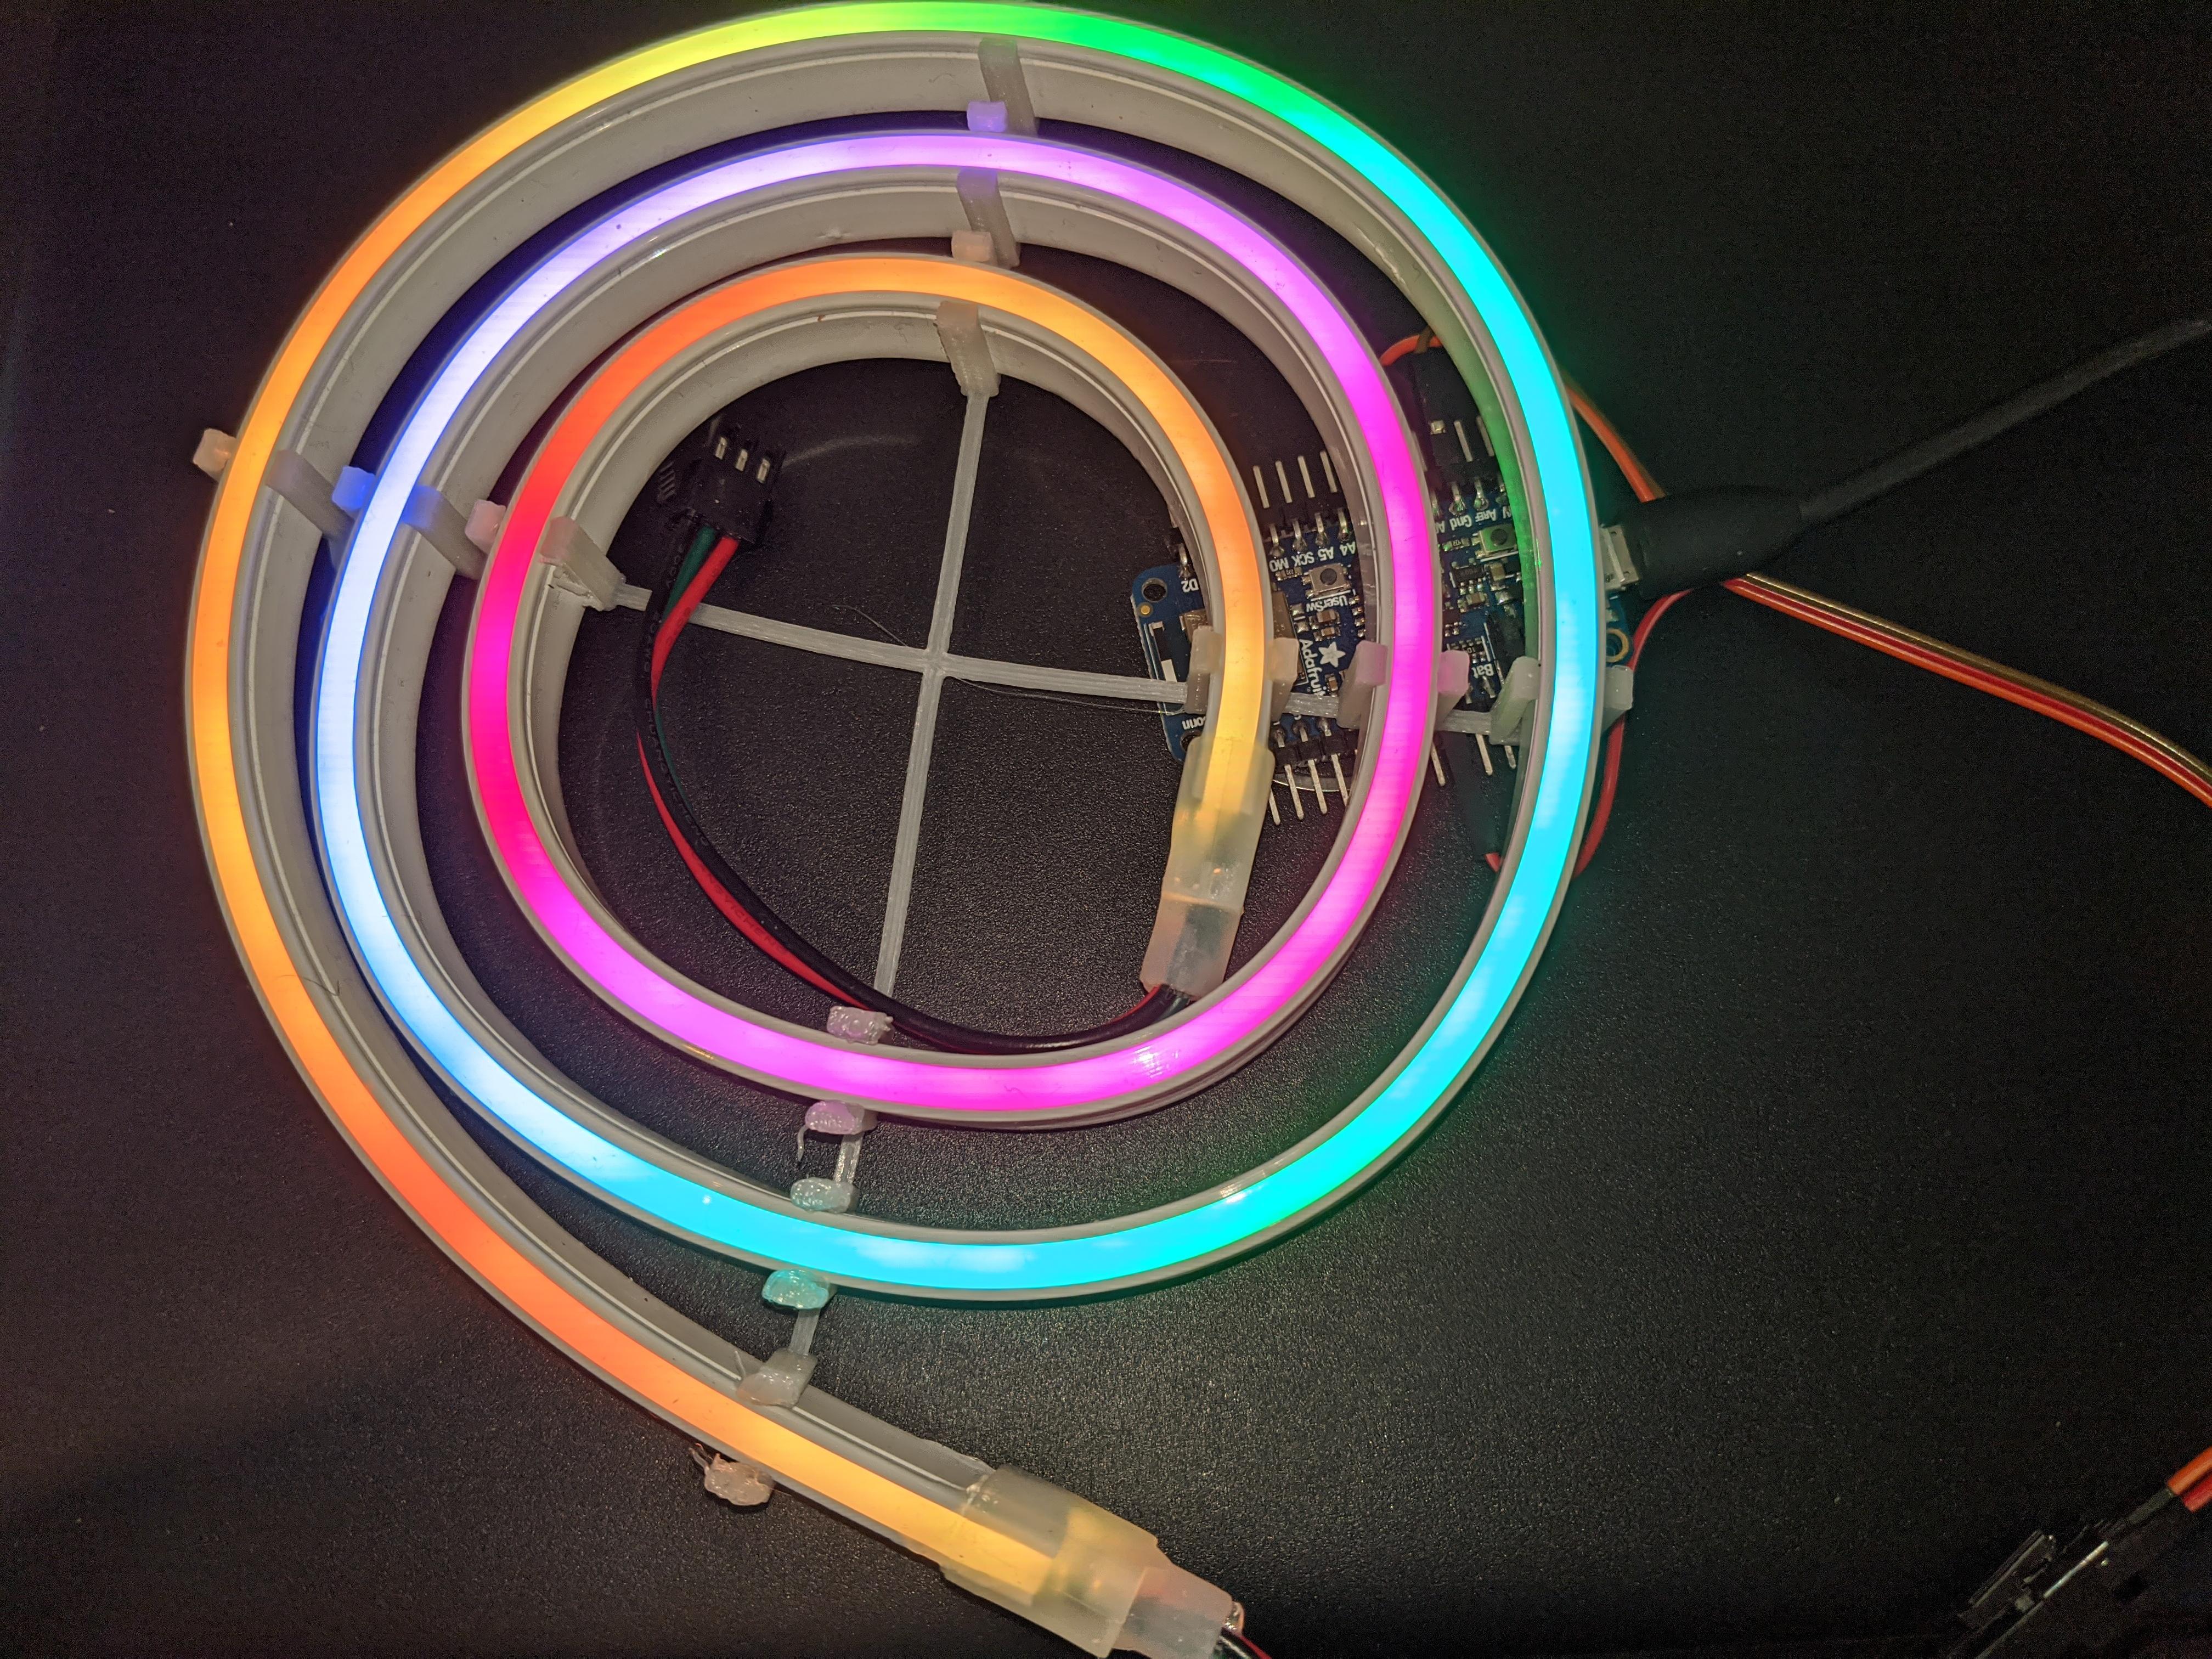 sensors_IMG_20200305_110528(1).jpg